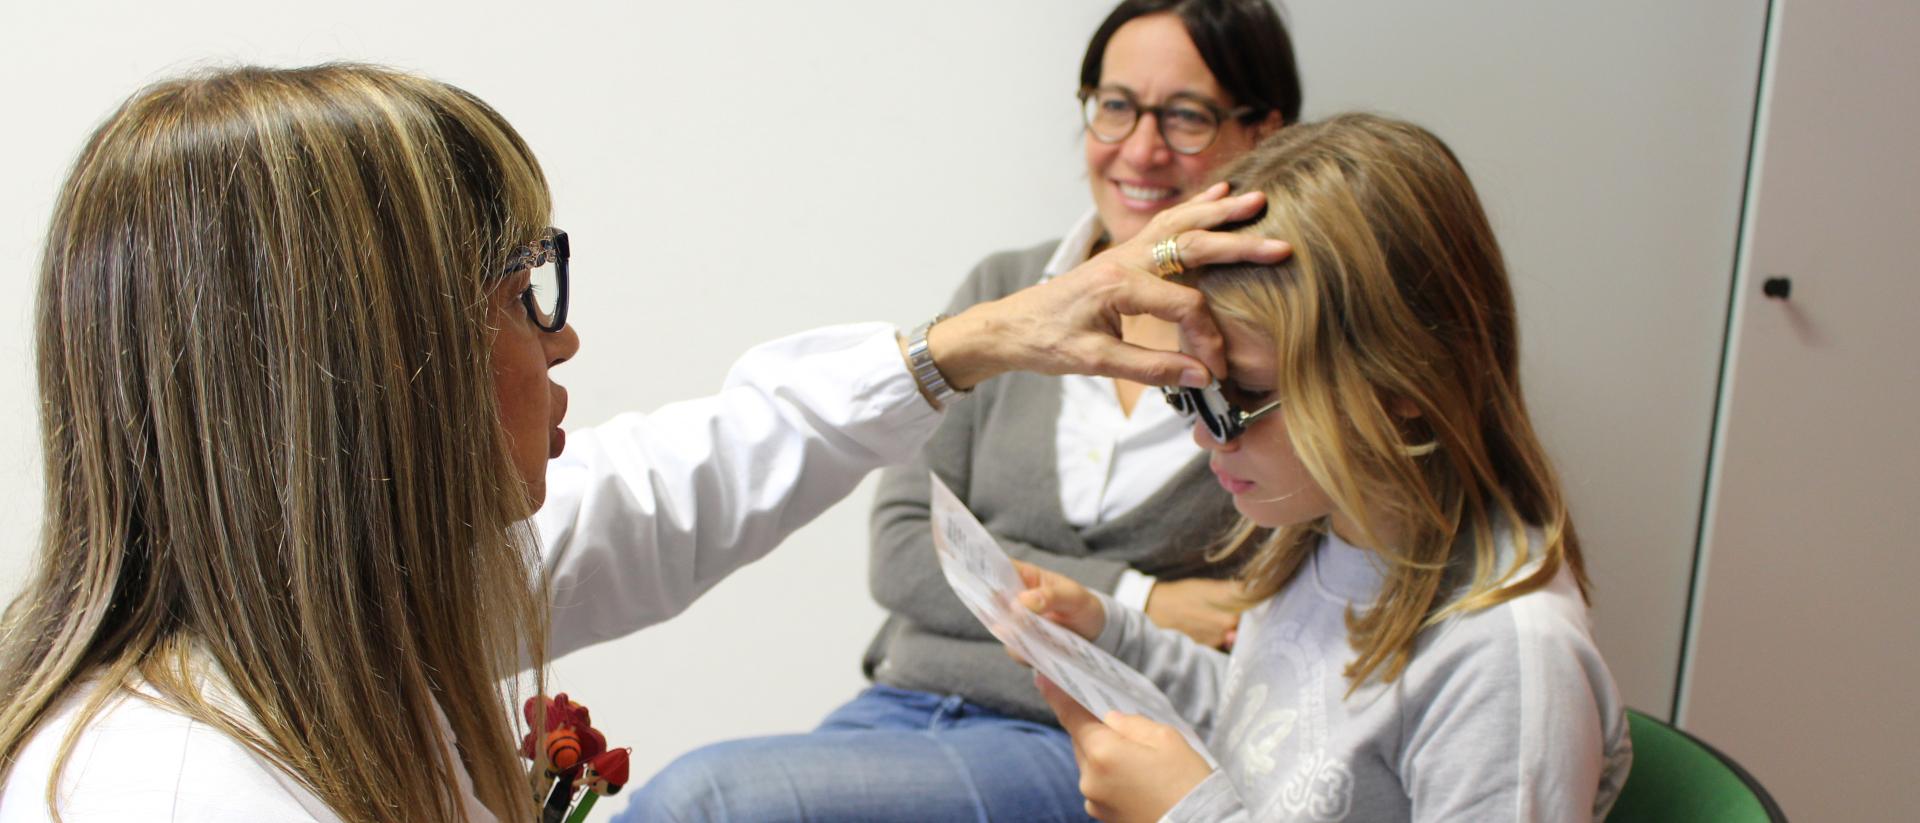 Augenärztin untersucht kleines Mädchen